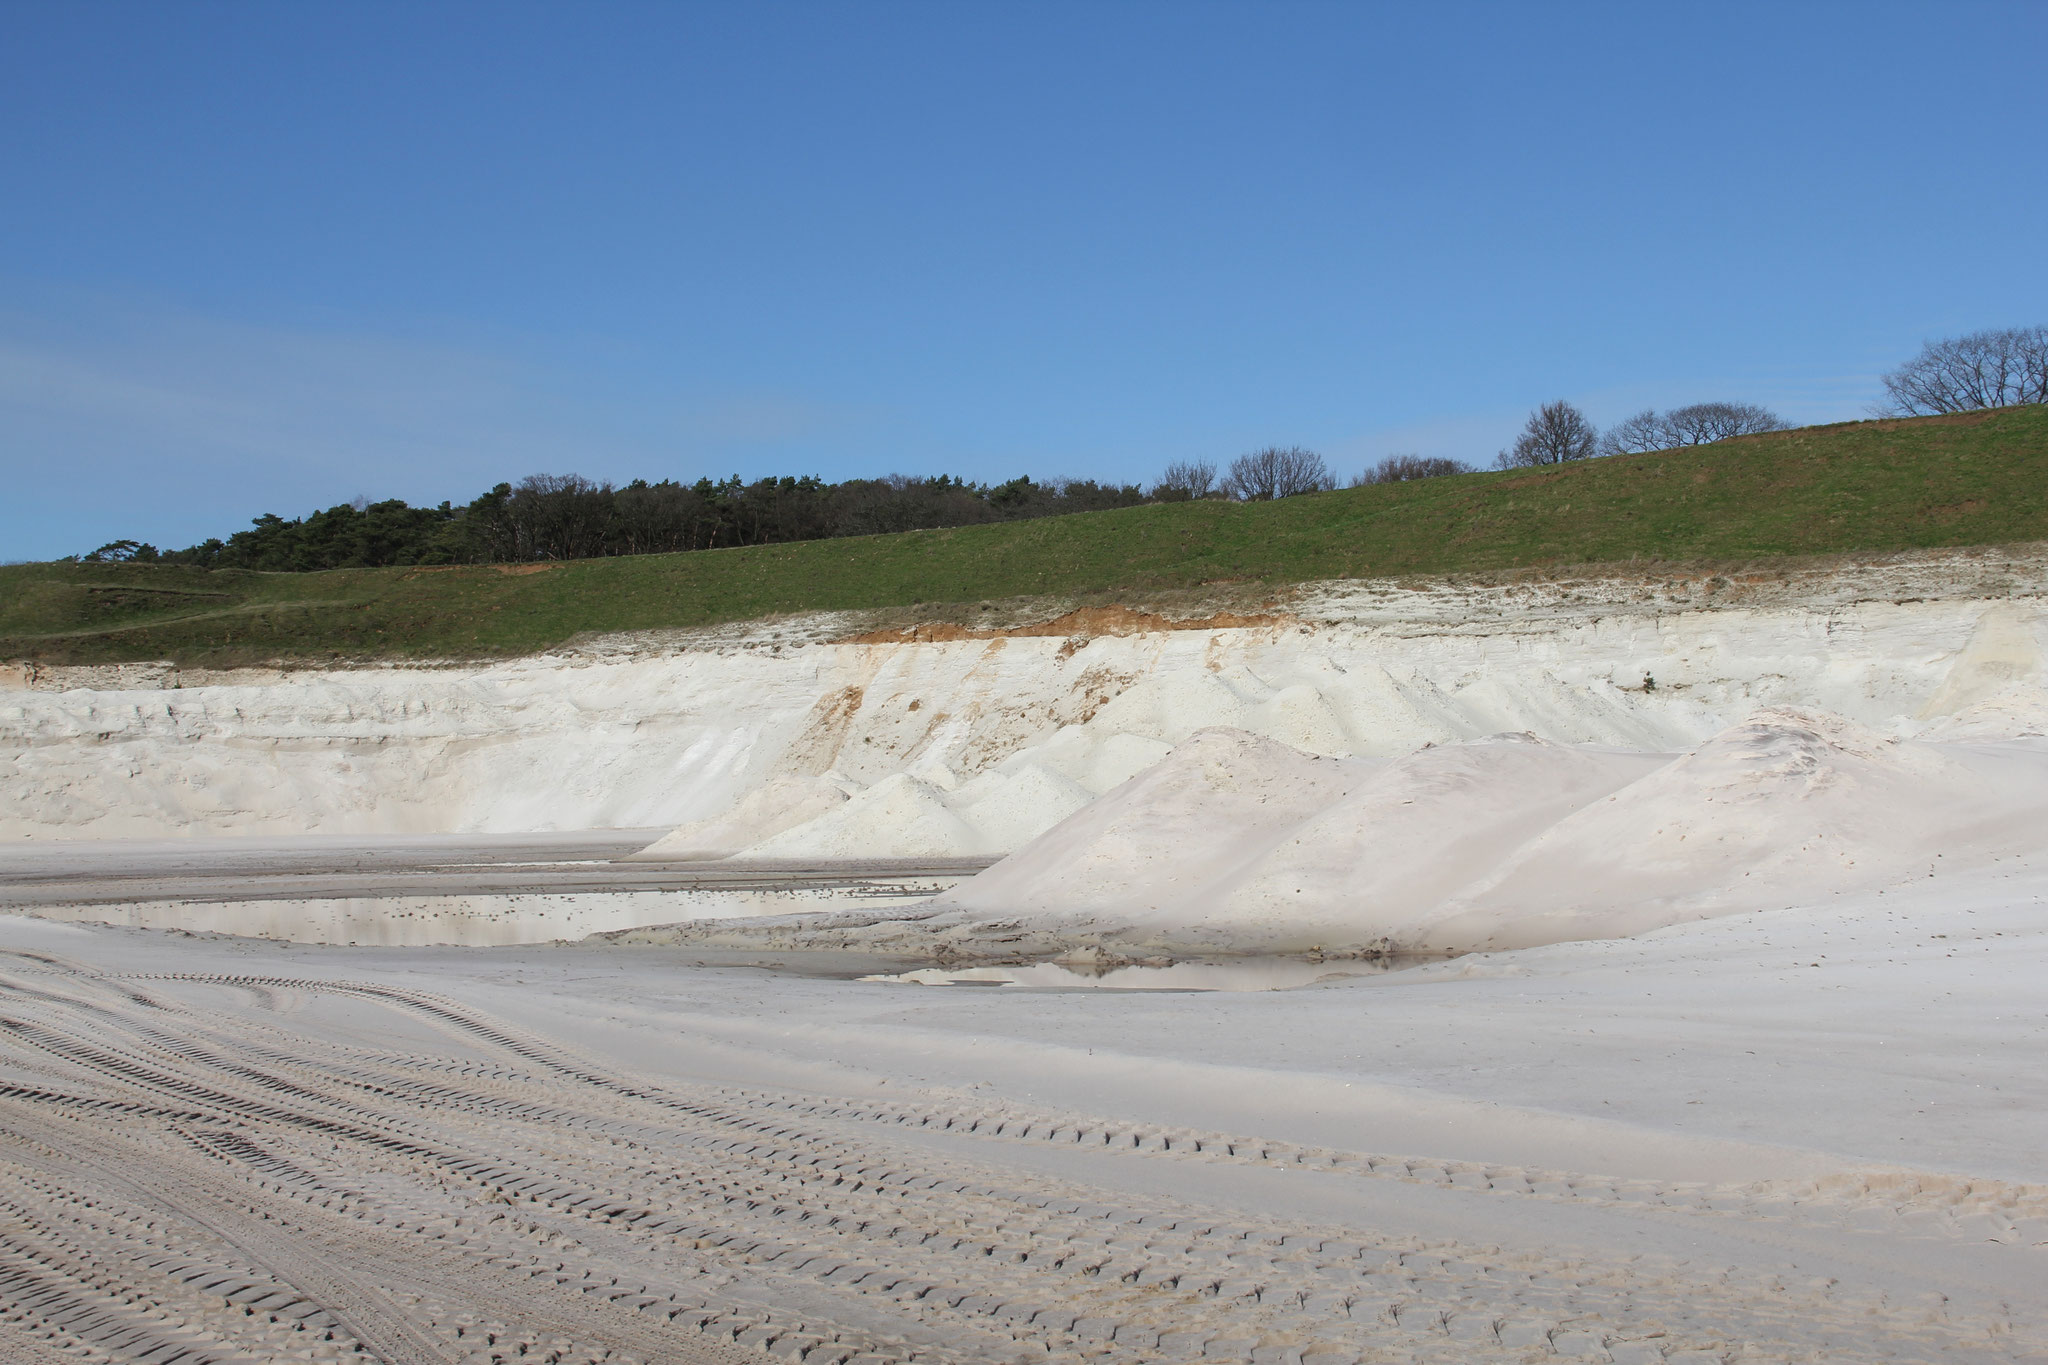 De huidige zandgroeve van Sibelco